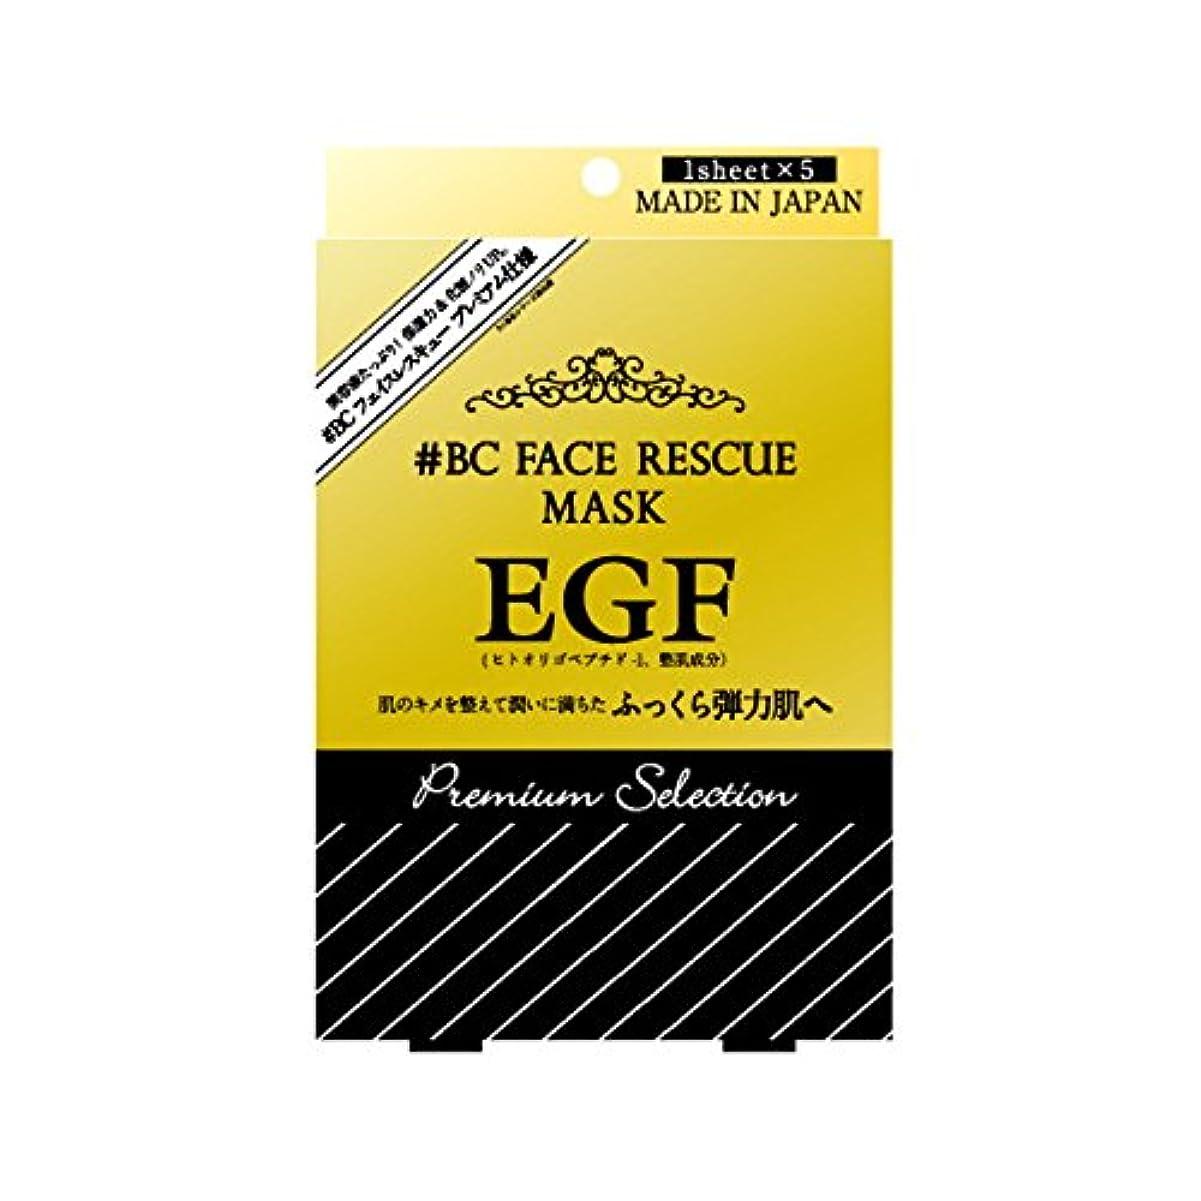 追加する手錠に対処するEGF フェイスレスキューマスク PS 1箱(25ml×5枚)